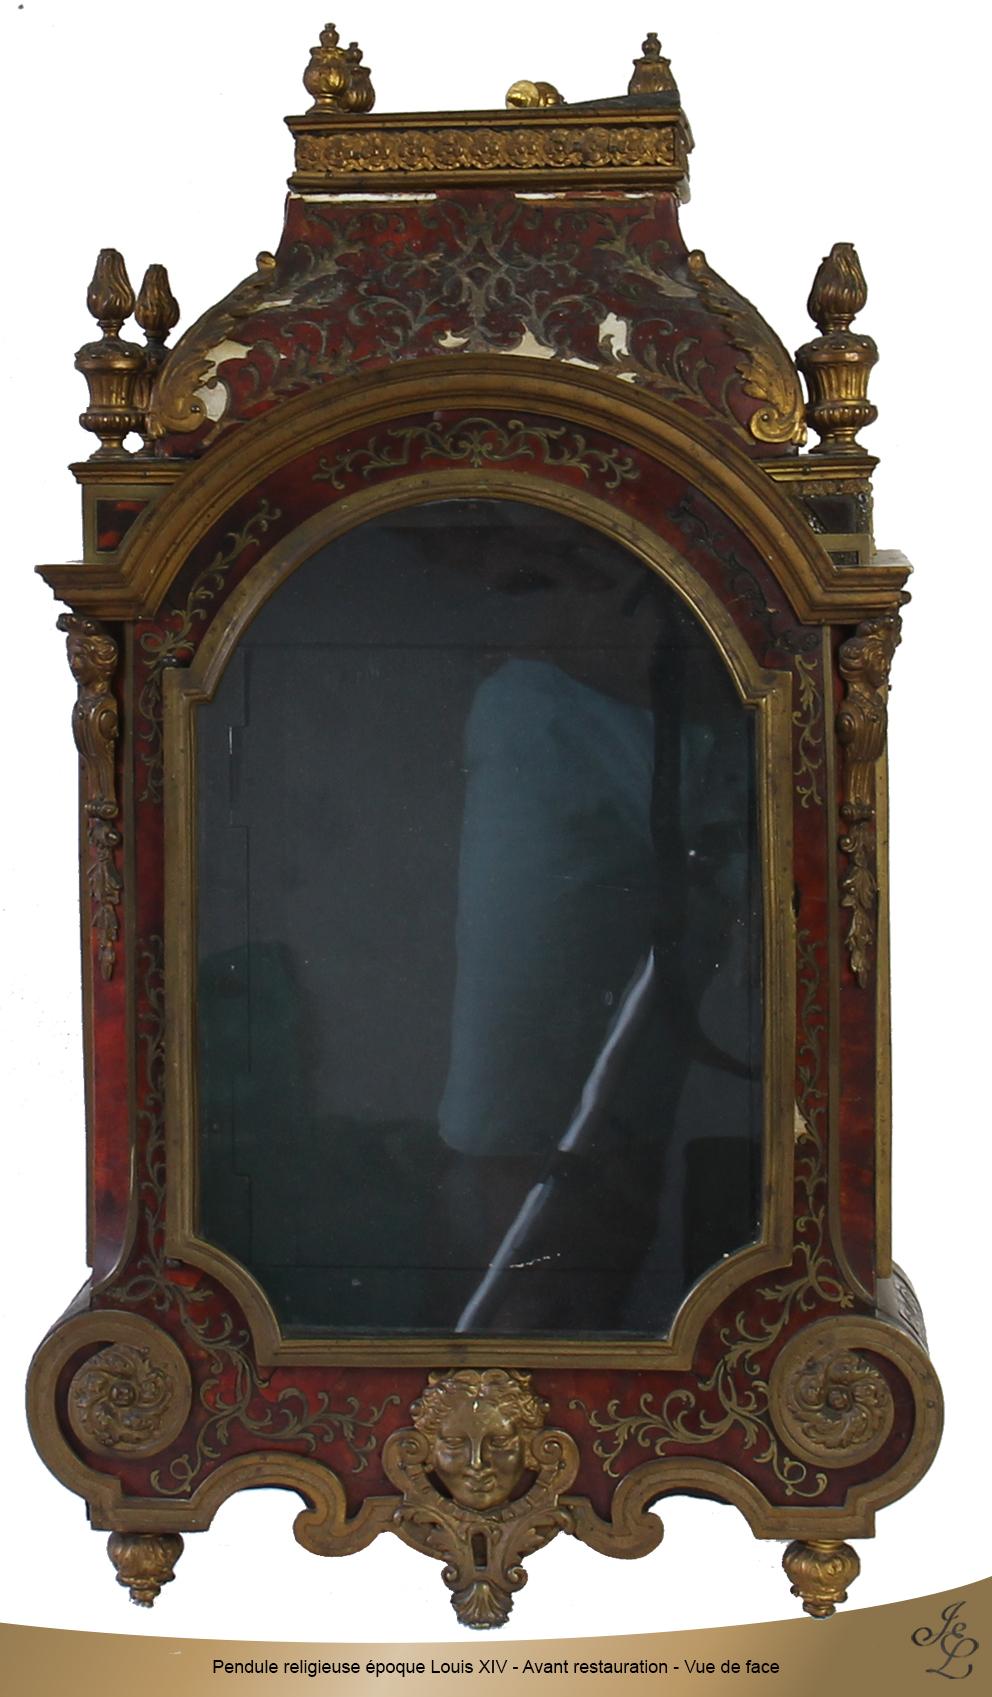 Pendule religieuse époque Louis XIV - Avant restauration - Vue de face